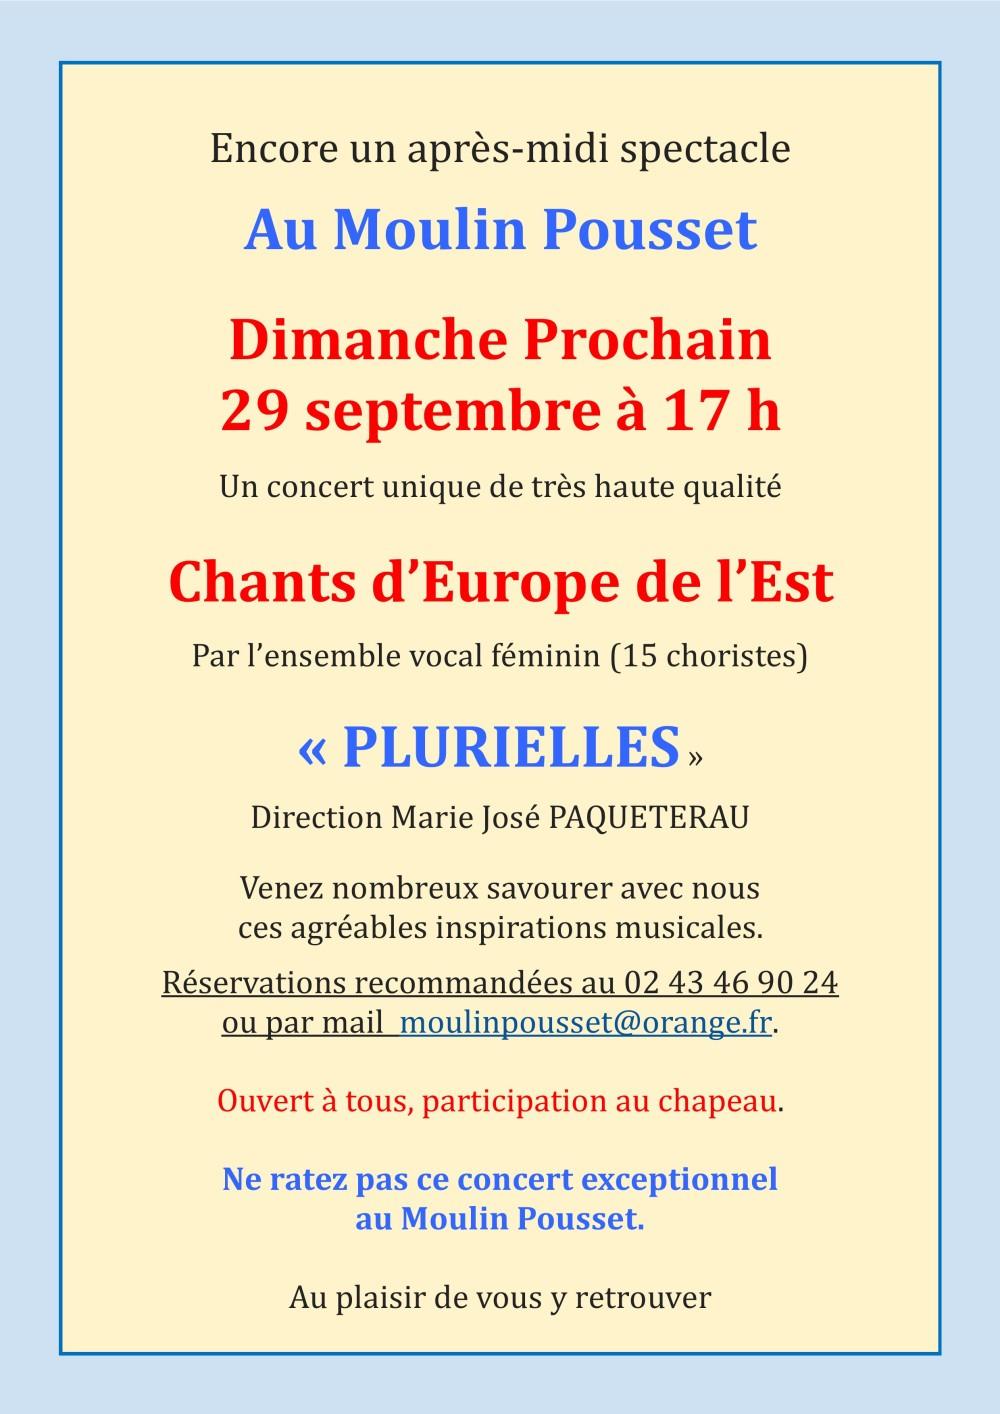 concert moulin pousset 29 septembre